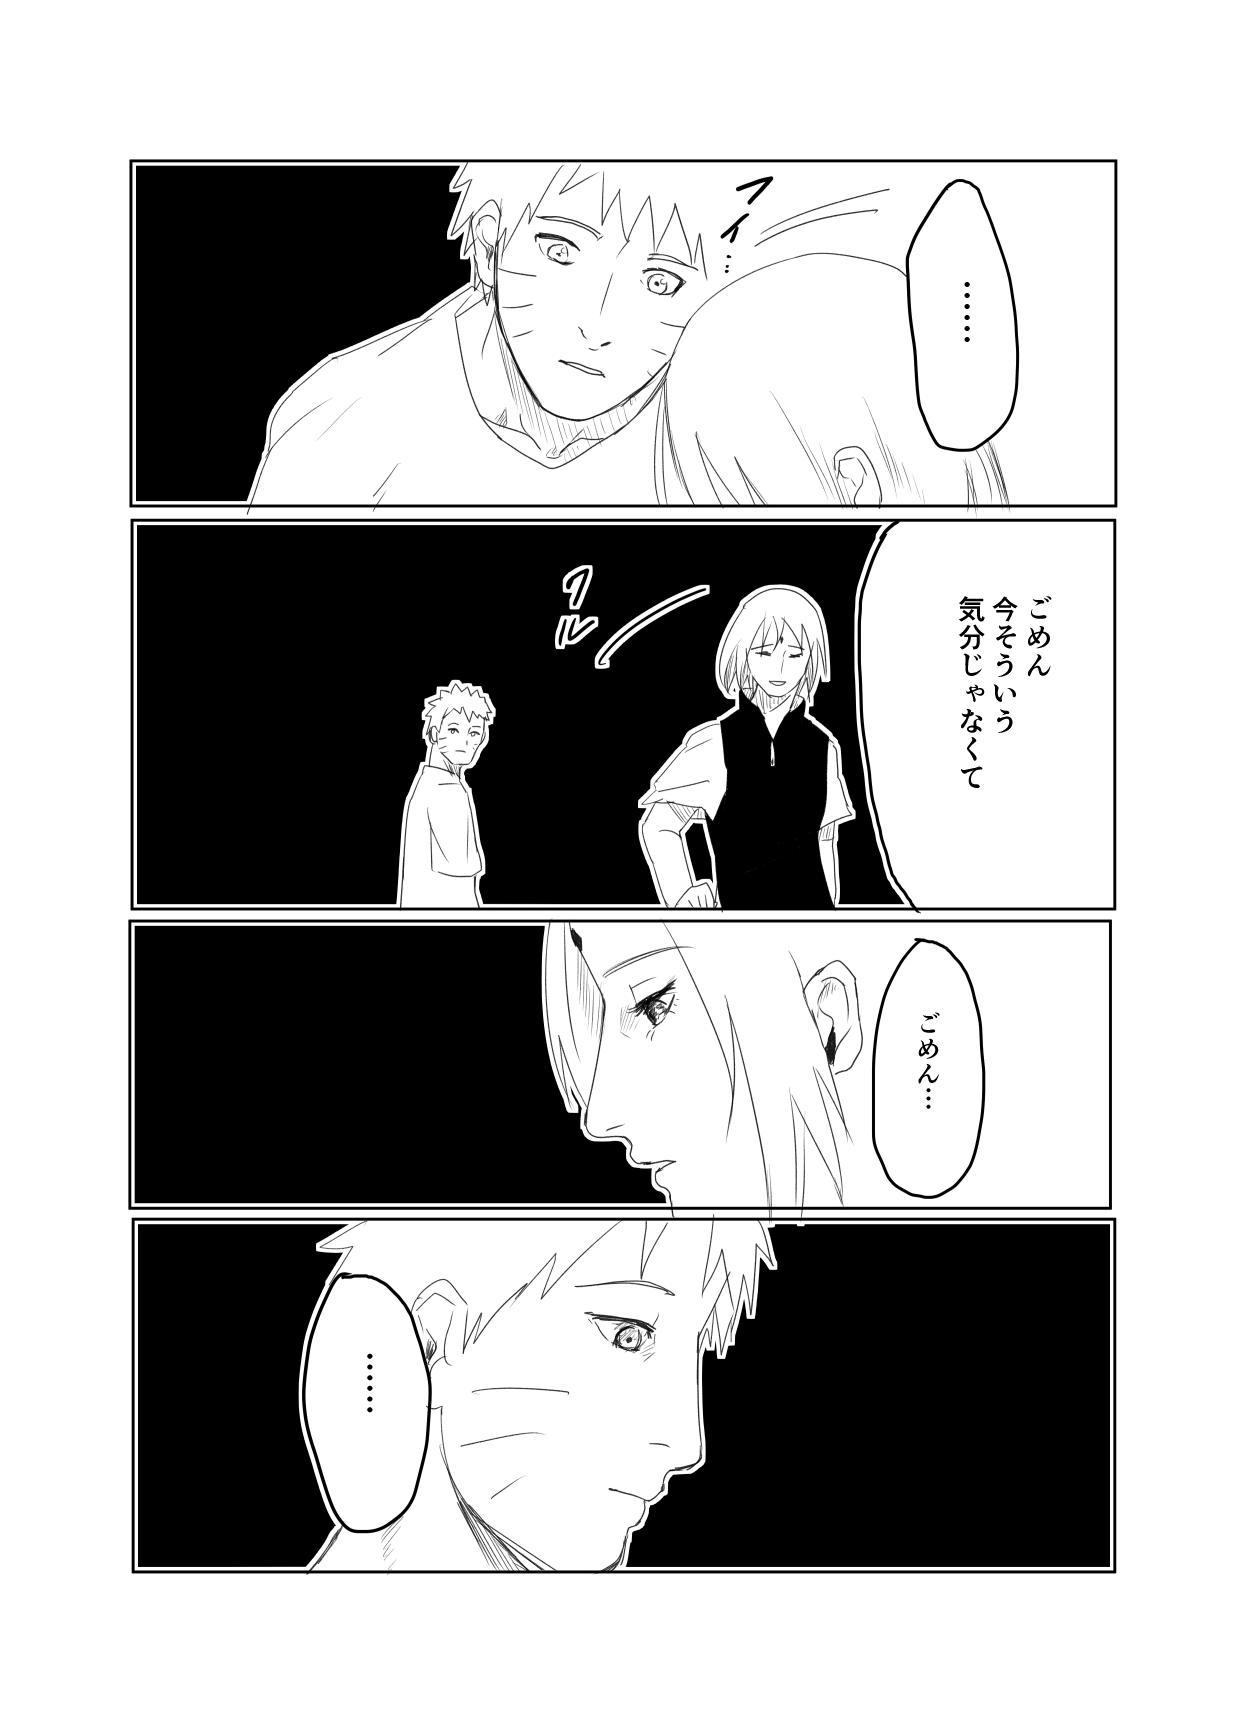 嘘告白漫画 15